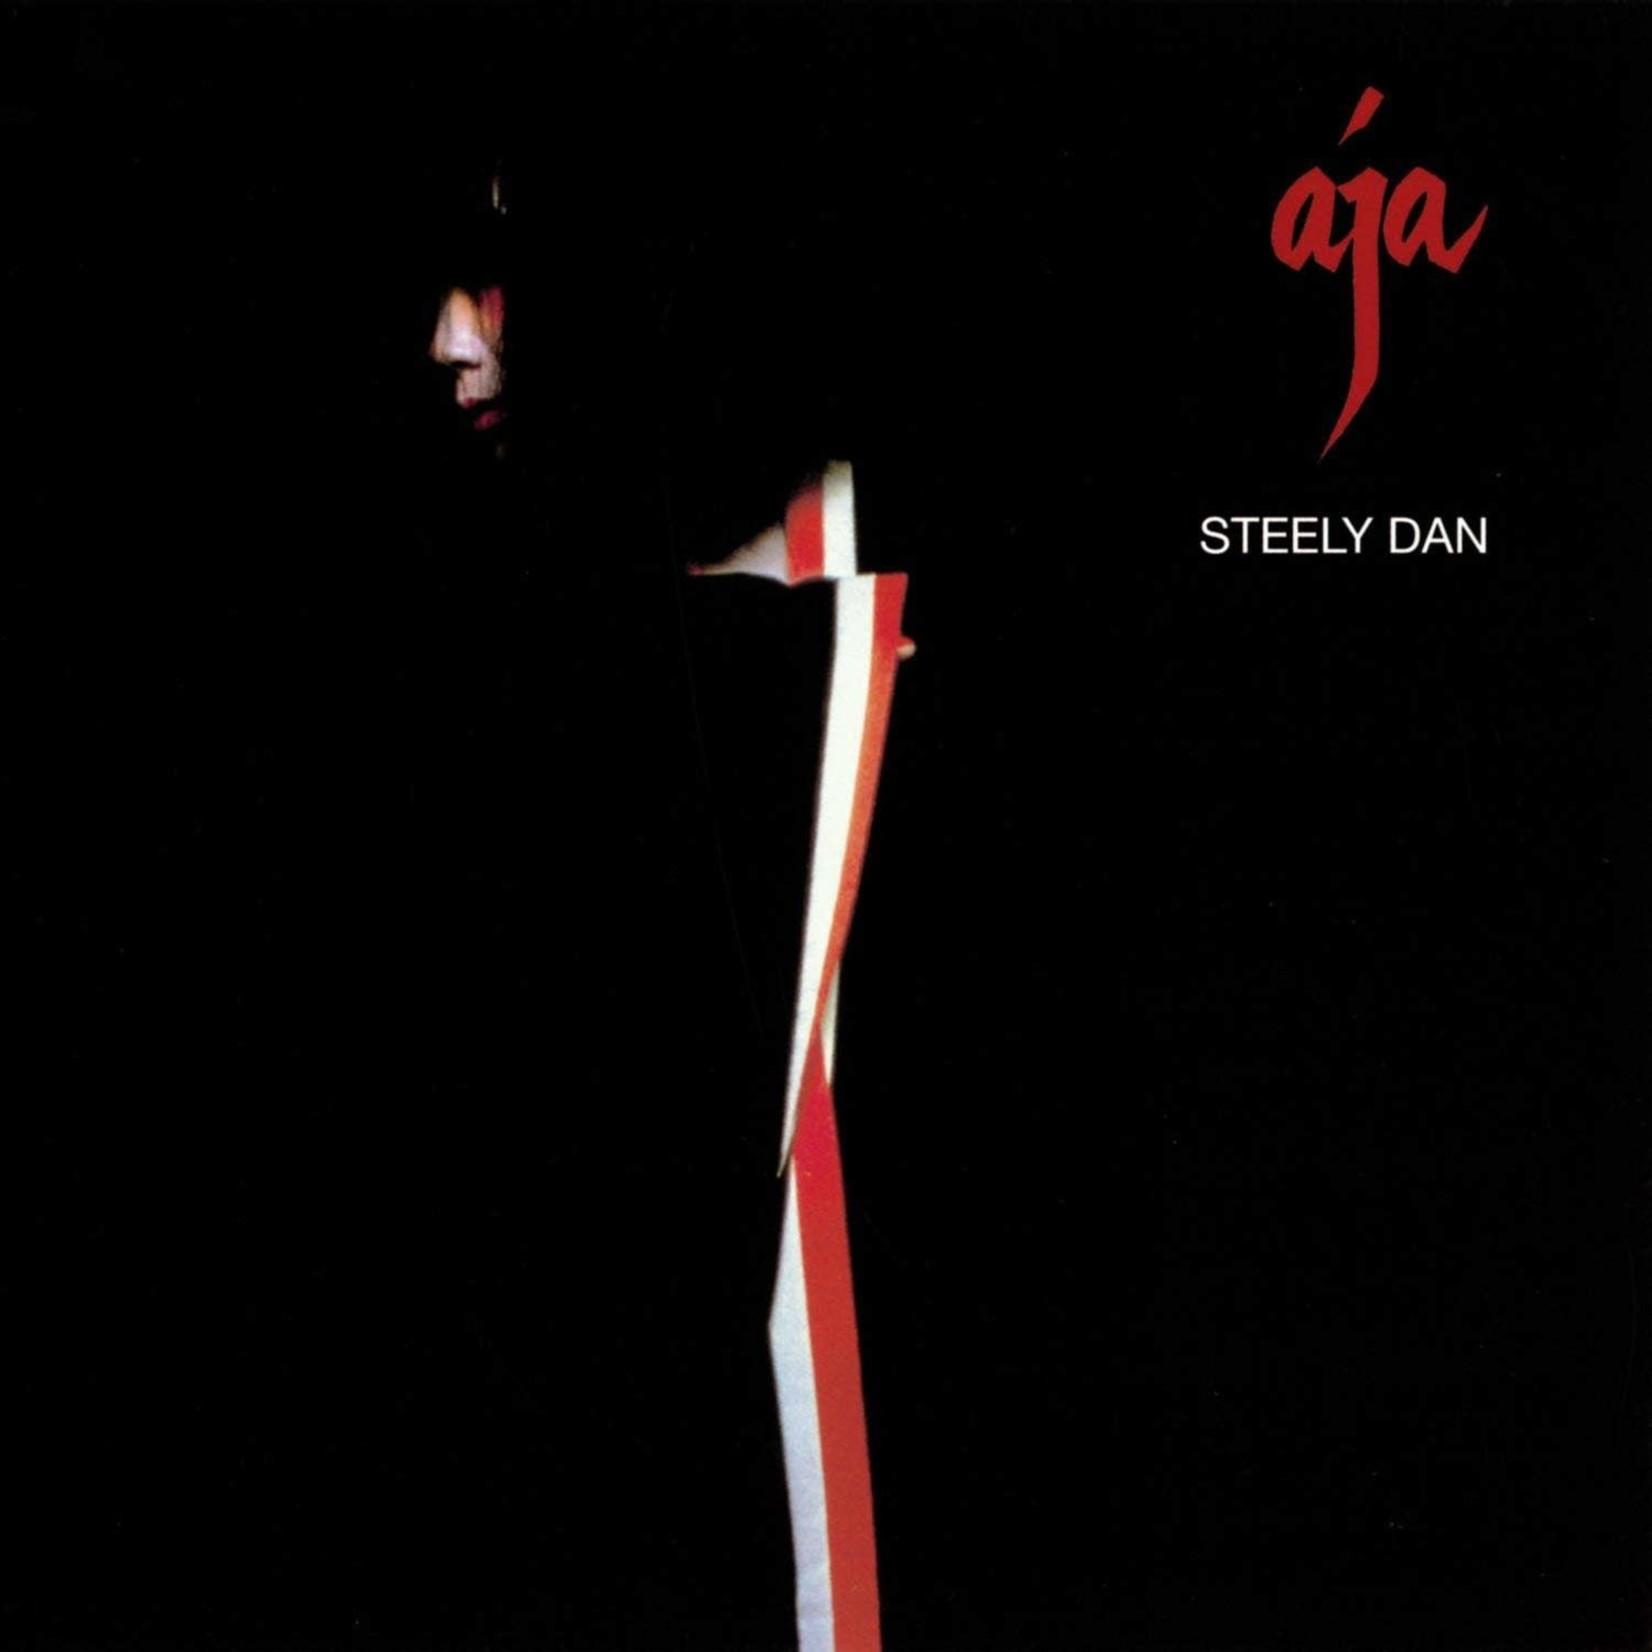 [Vintage] Steely Dan: Aja